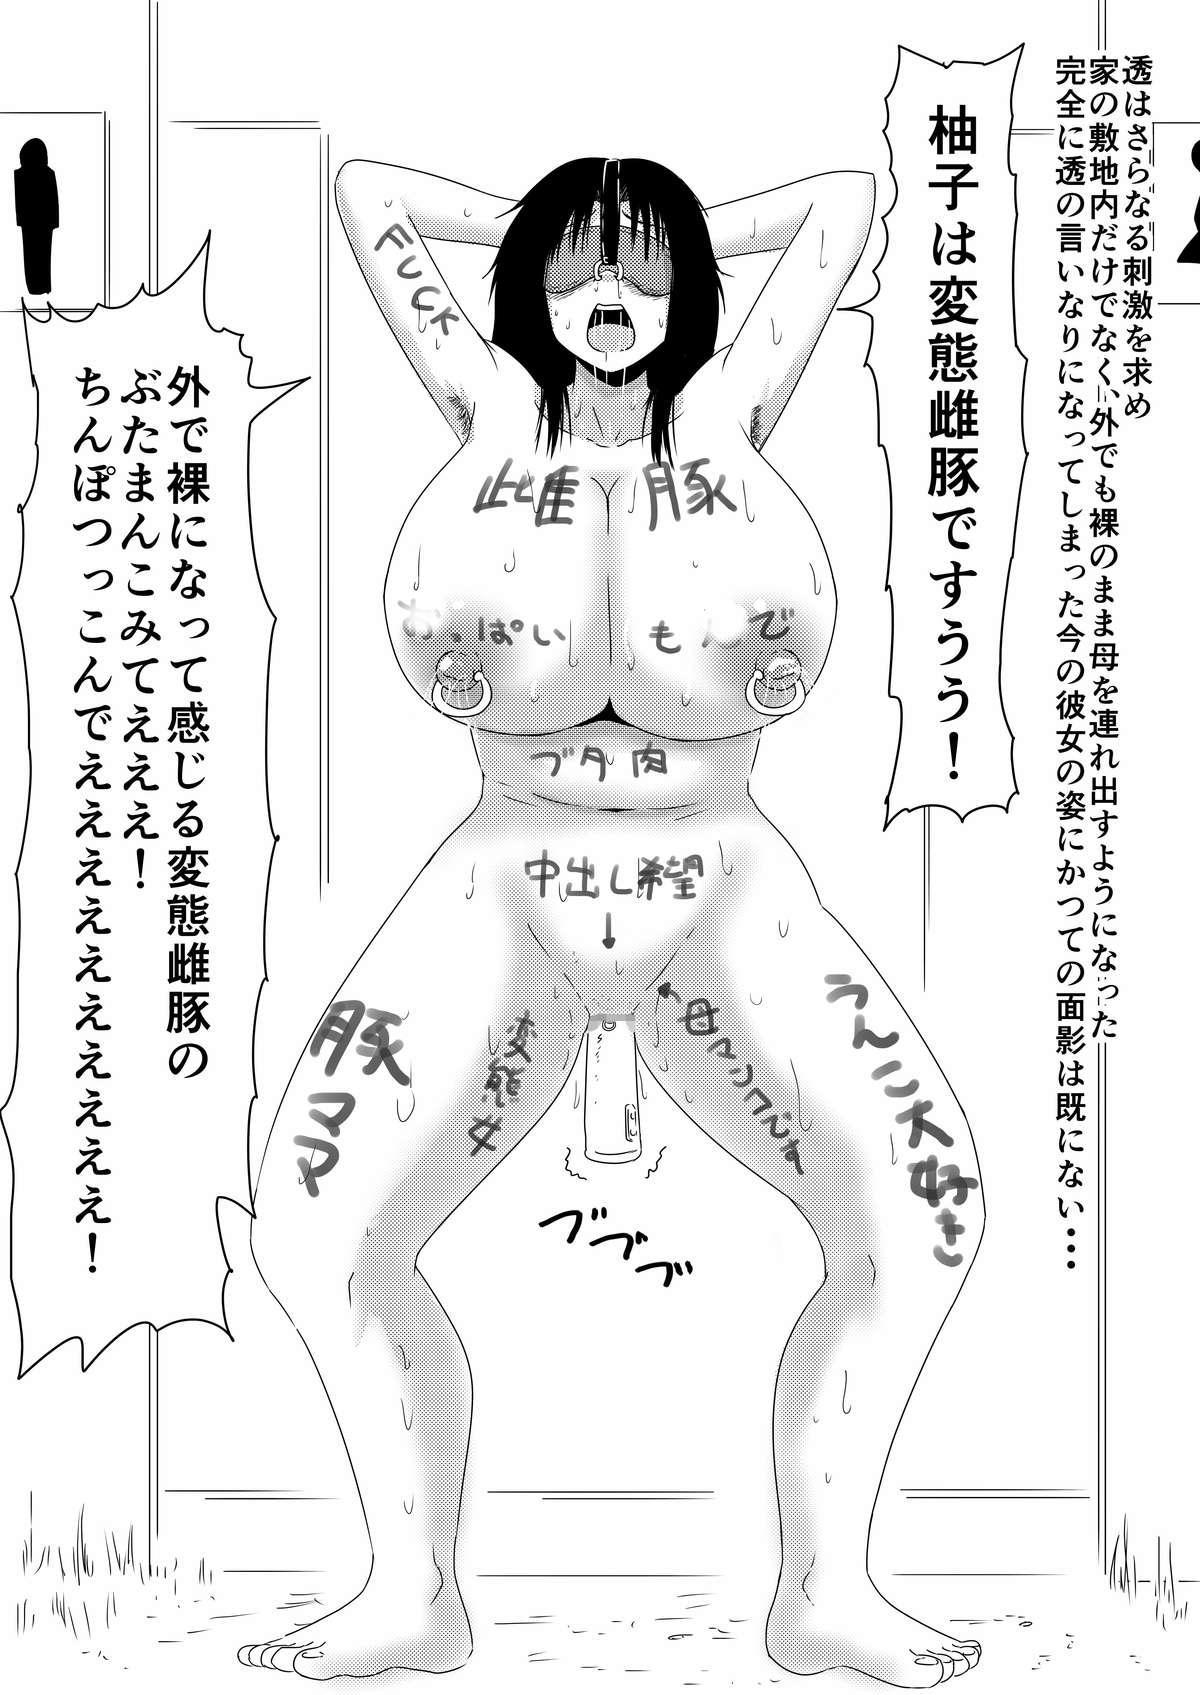 [Mikezoutei] Mashou no Chinko o Motsu Shounen ~Kare no Dankon wa Josei o Mesu e to Kaeru~ Zenpen 125